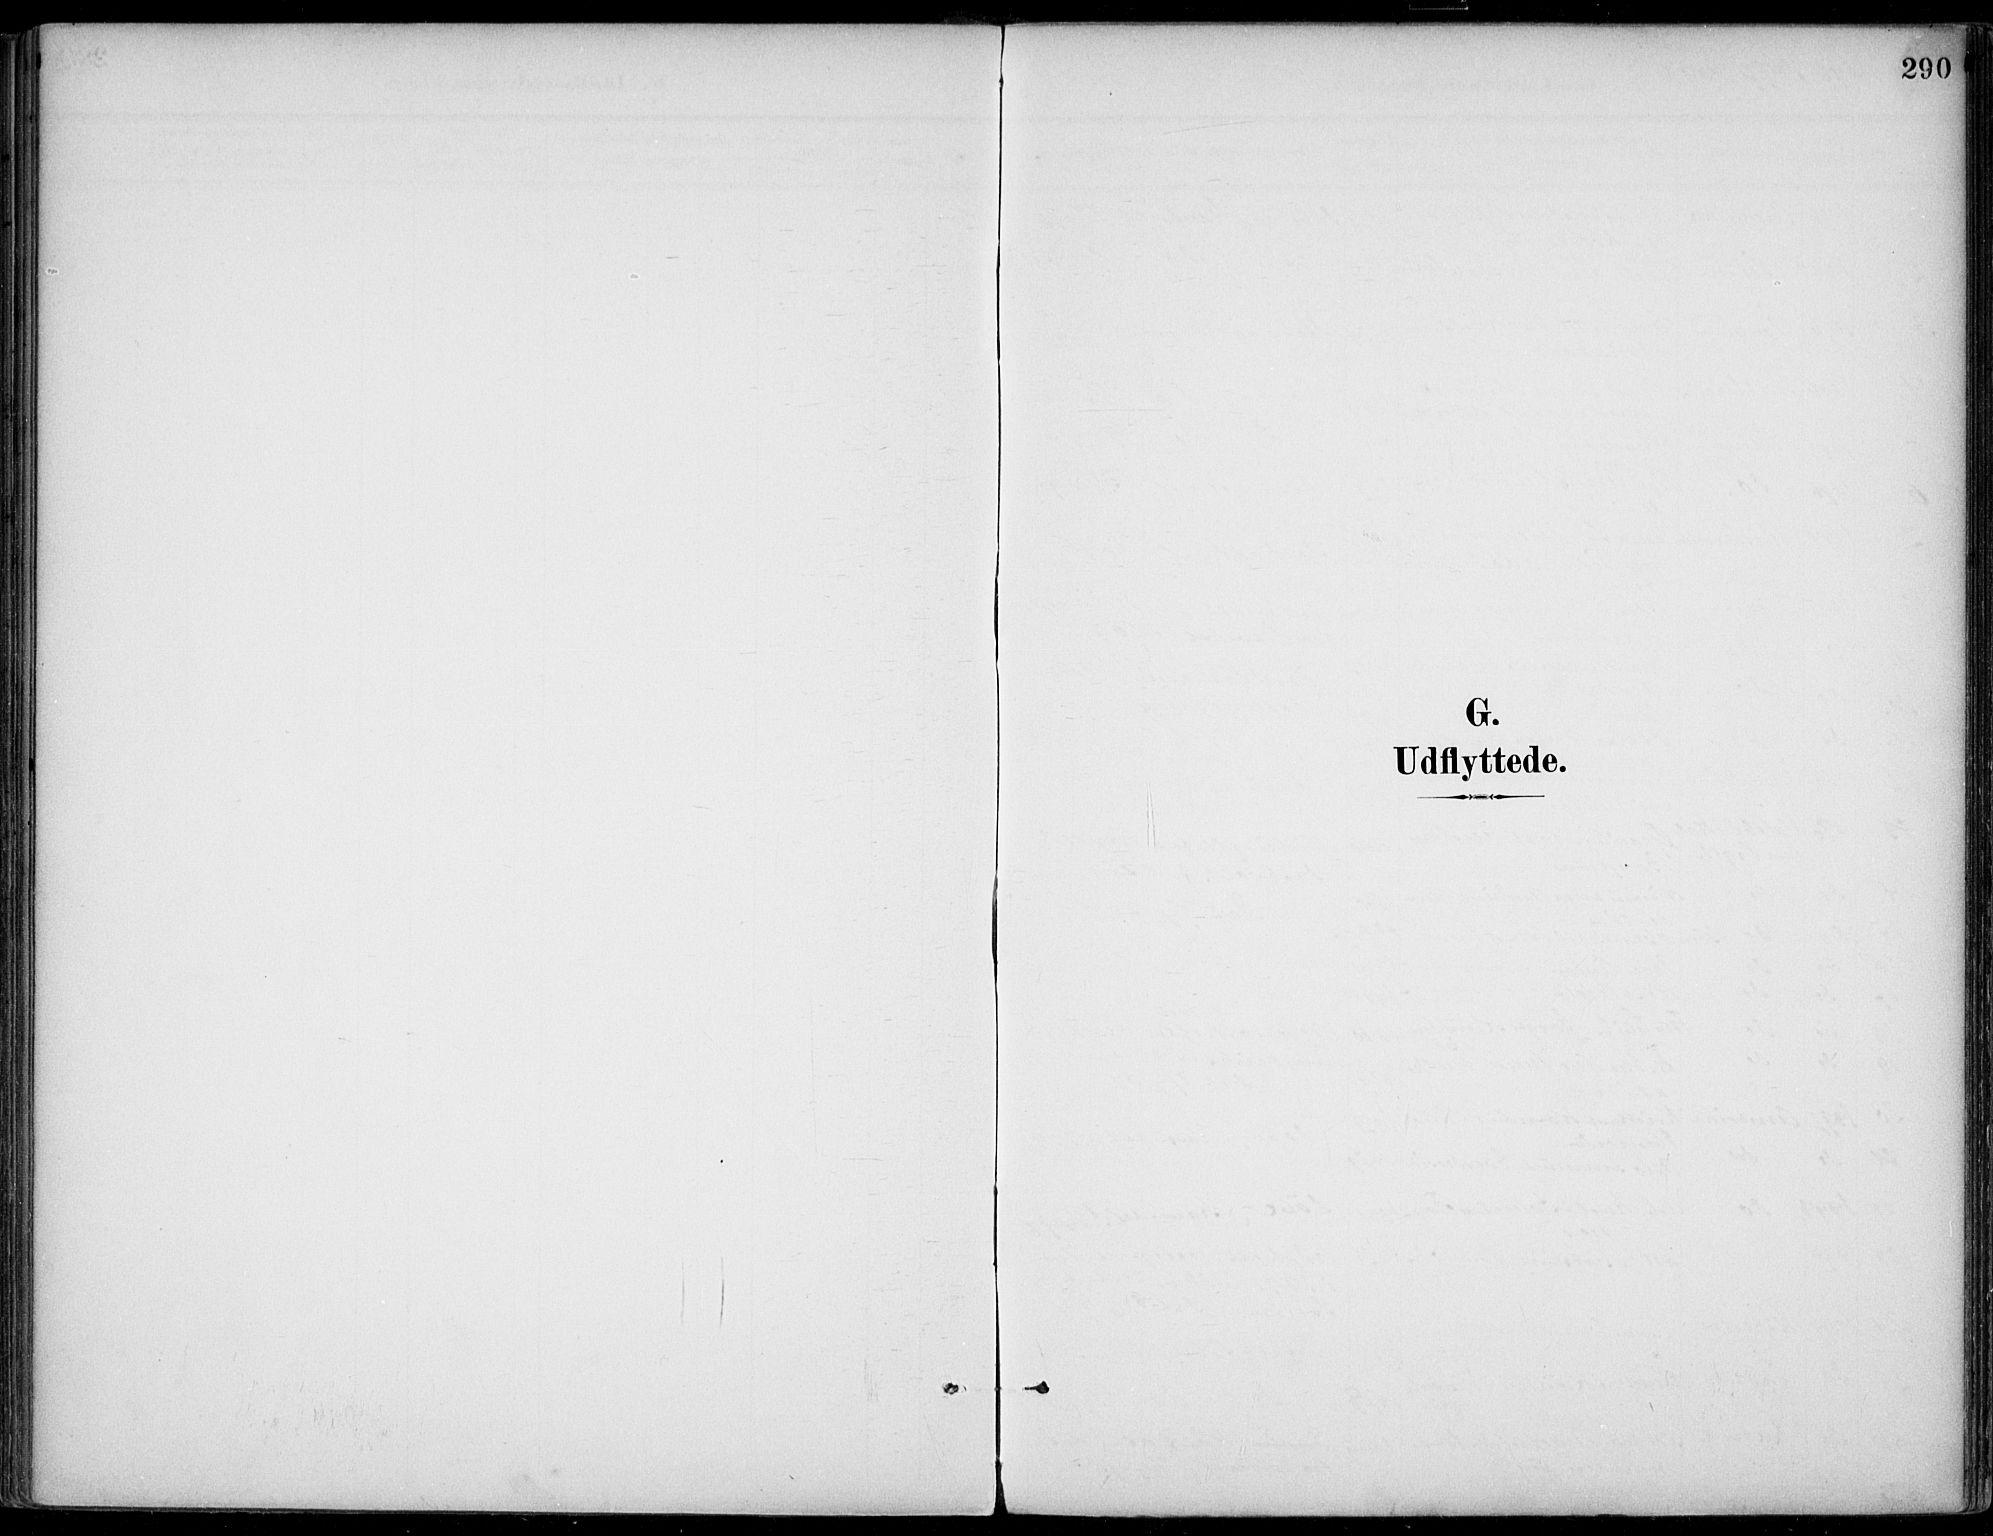 SAKO, Gjerpen kirkebøker, F/Fa/L0011: Ministerialbok nr. 11, 1896-1904, s. 290